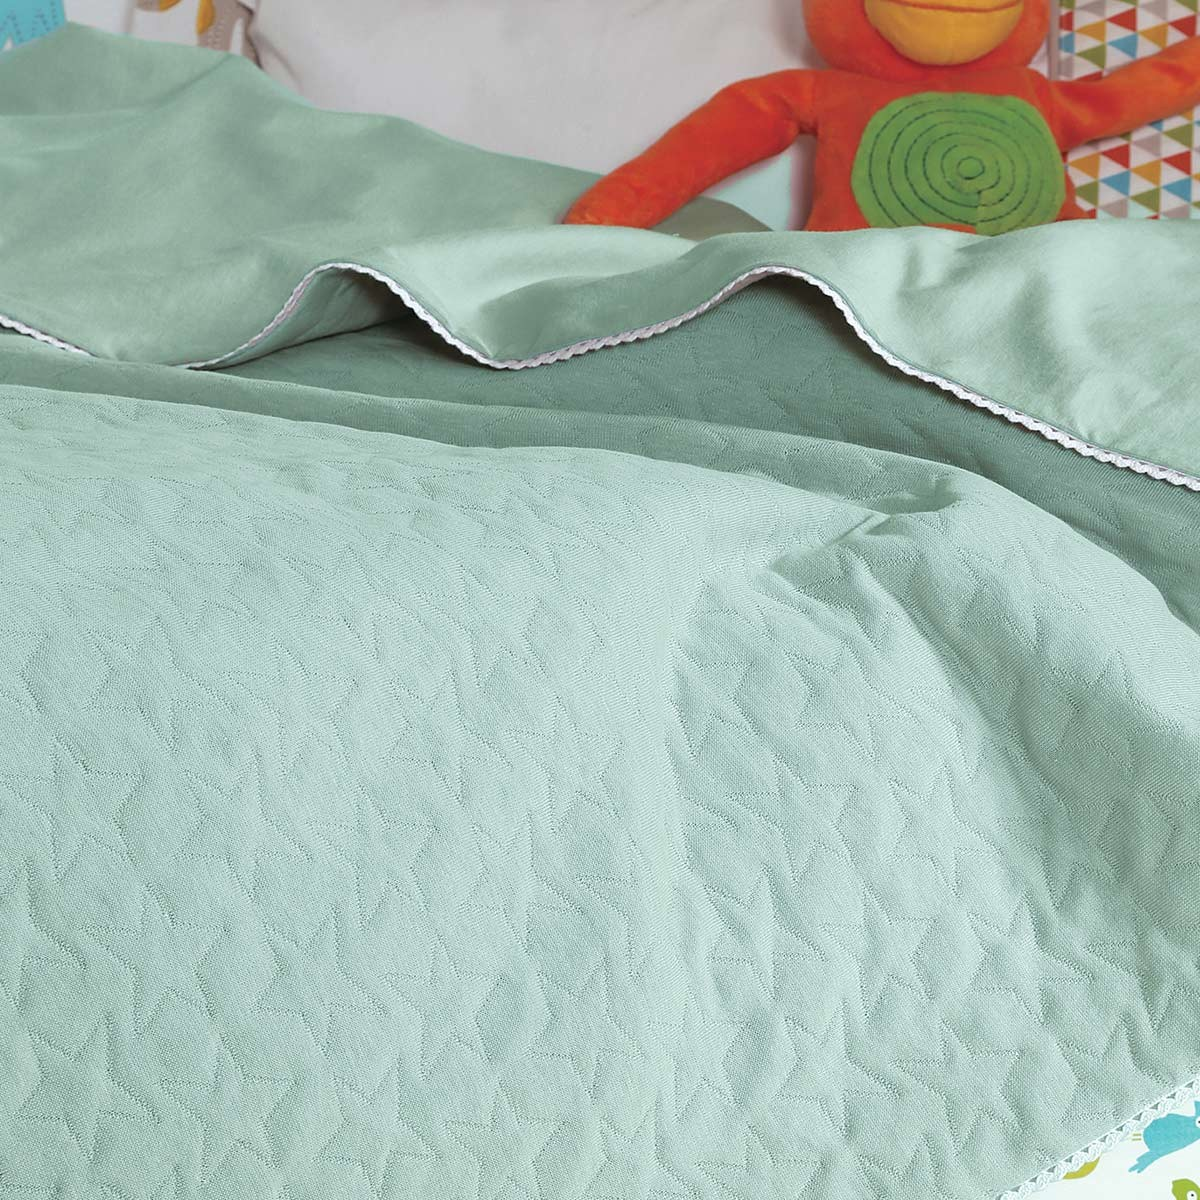 Κουβερτόριο Αγκαλιάς Nef-Nef Cute Stars Green home   βρεφικά   κουβέρτες βρεφικές   κουβέρτες καλοκαιρινές